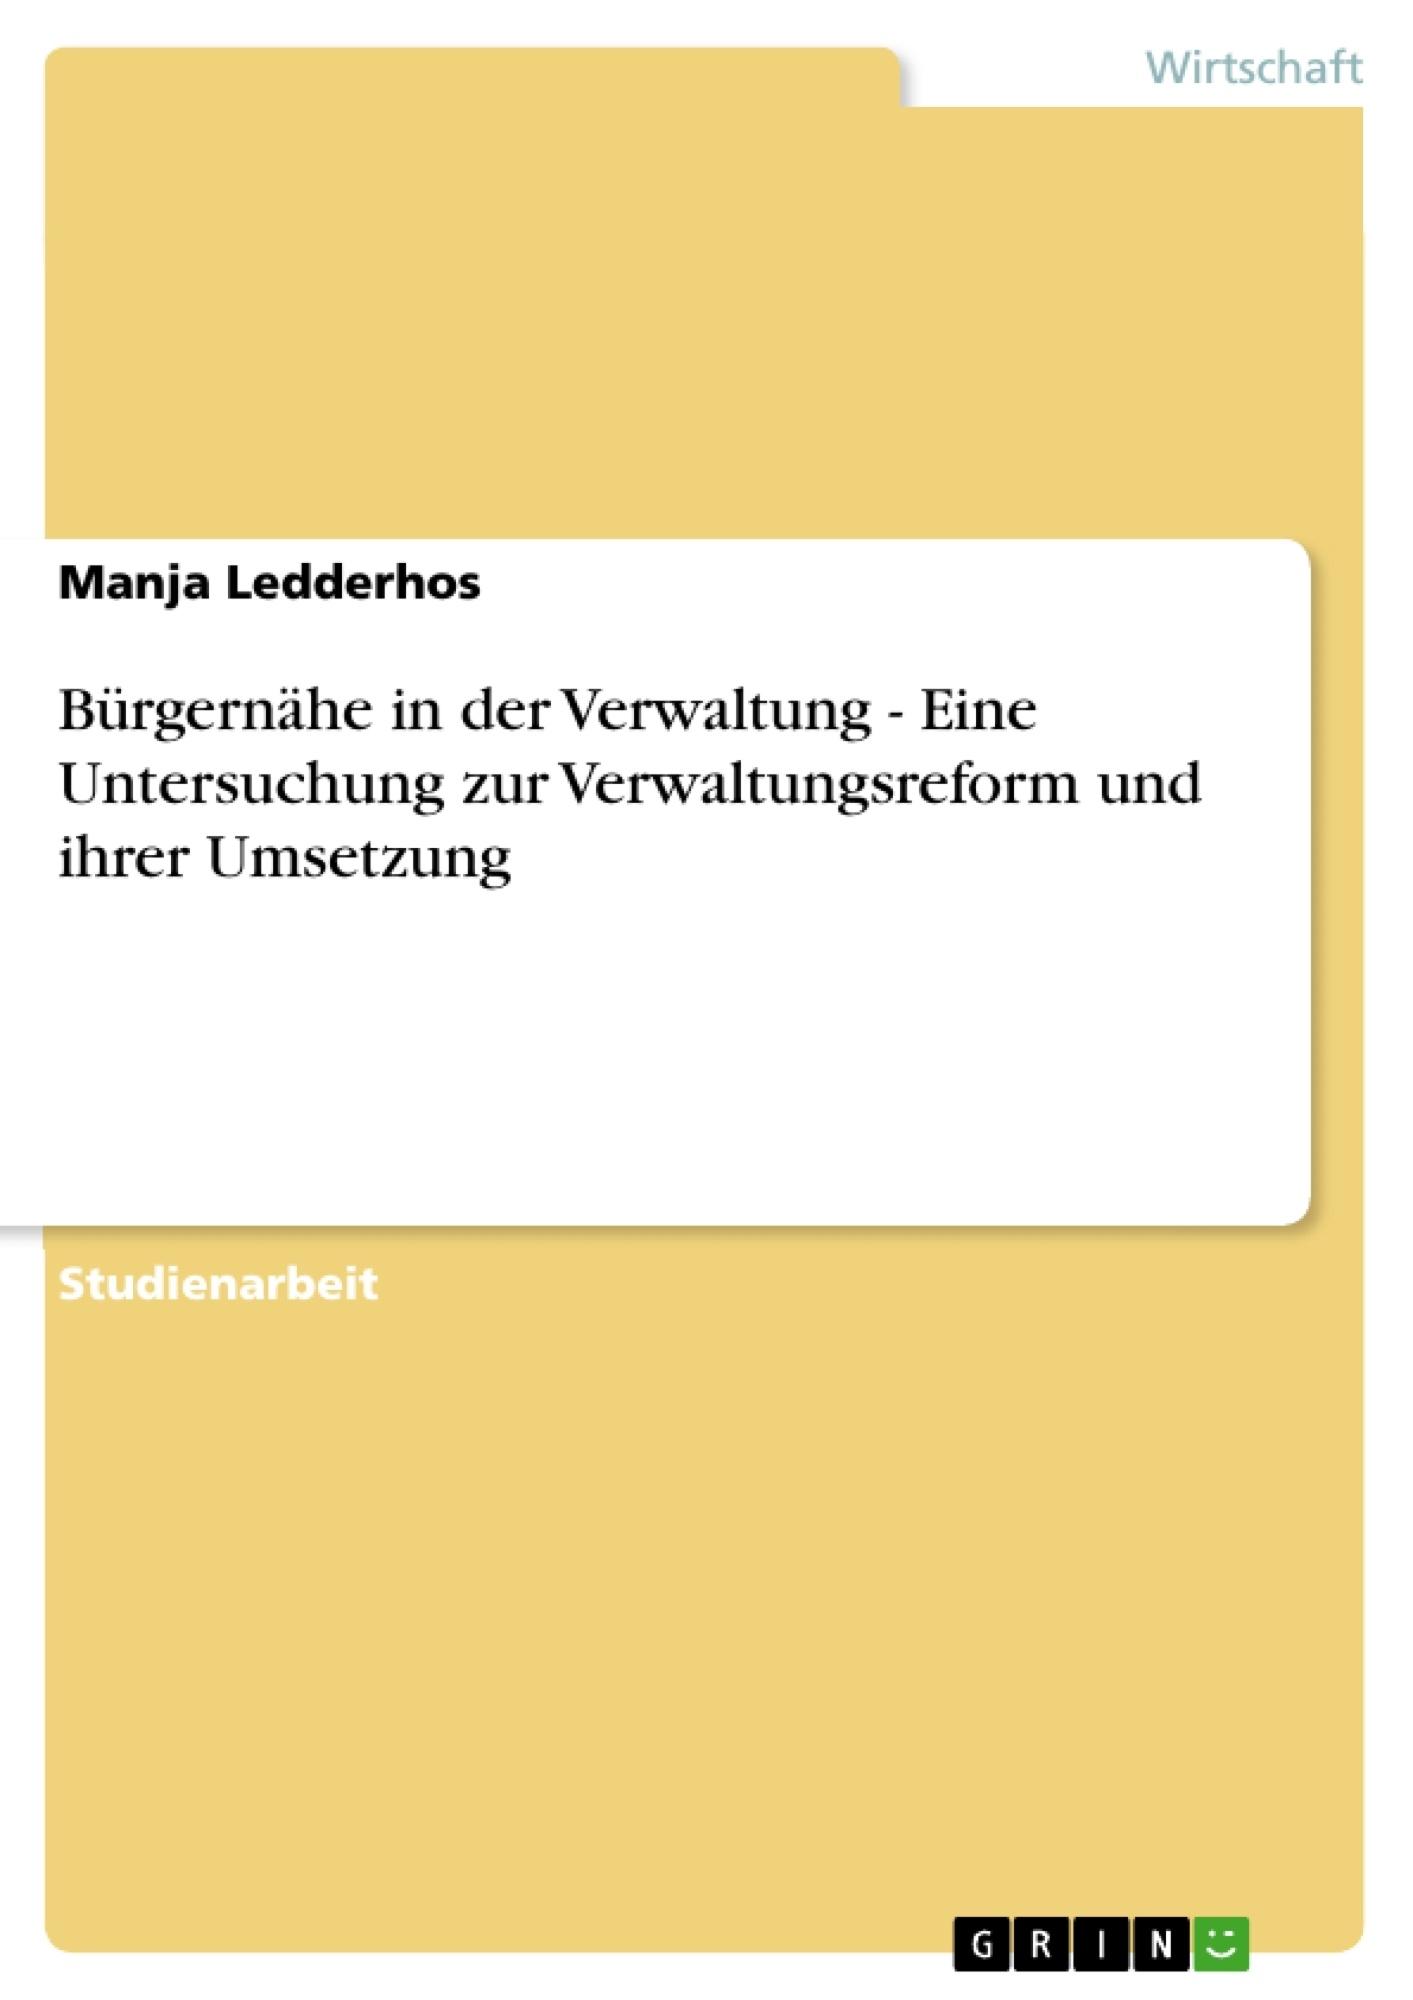 Titel: Bürgernähe in der Verwaltung - Eine Untersuchung zur Verwaltungsreform und ihrer Umsetzung